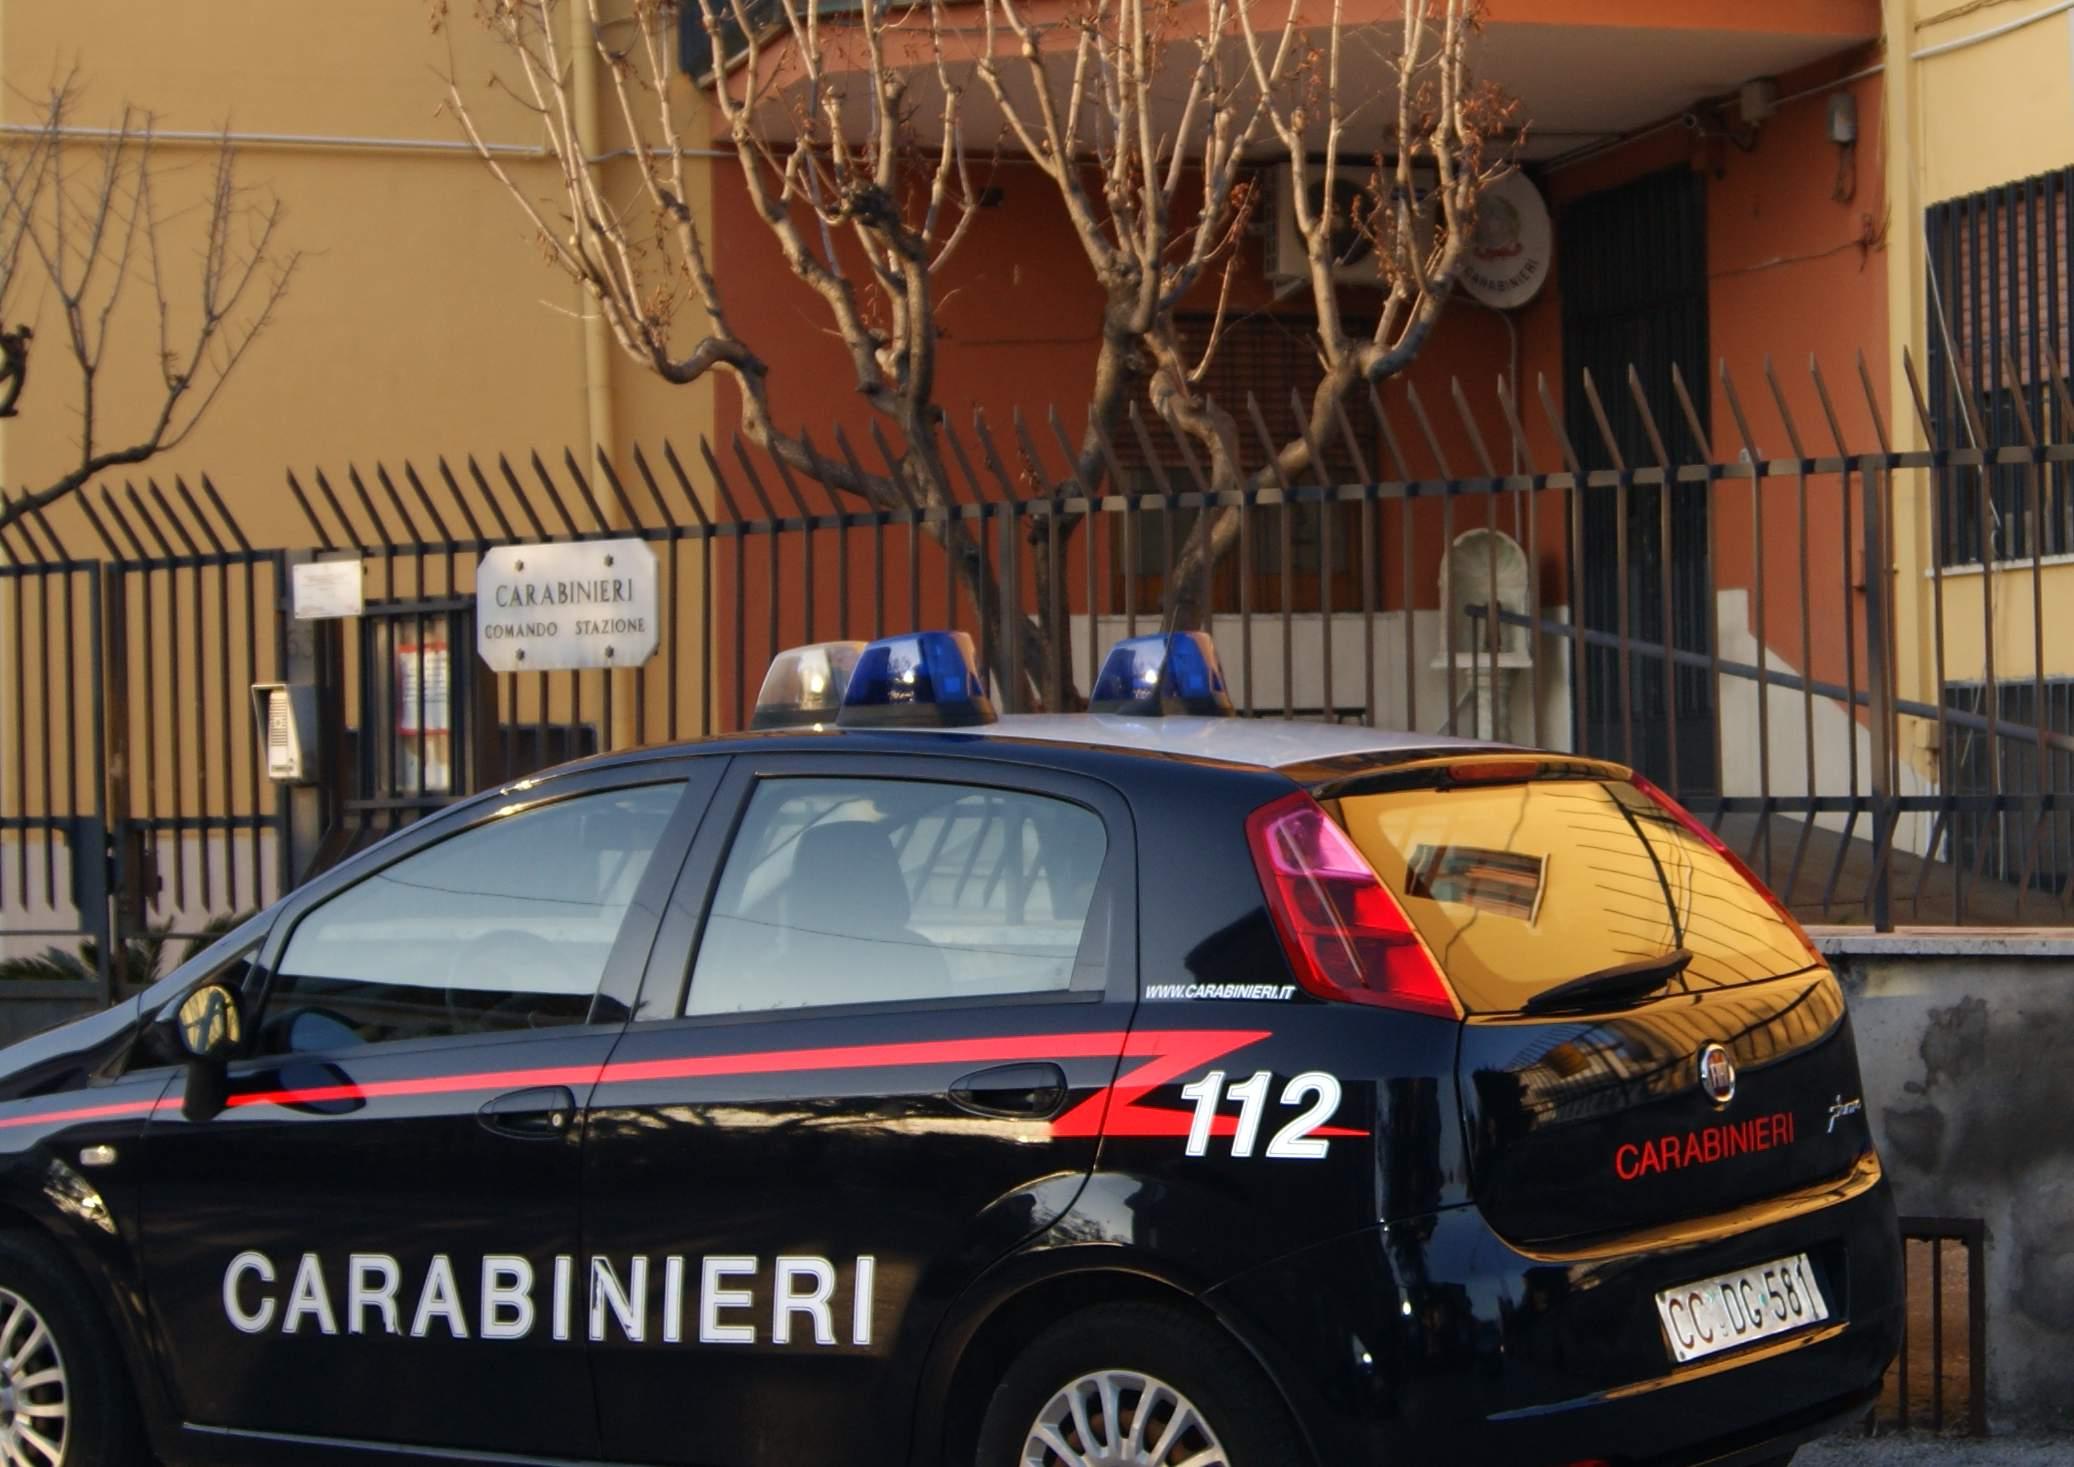 Alimenti rubati per circa 150mila euro a Caserta ritrovati in un'area montana di Avella